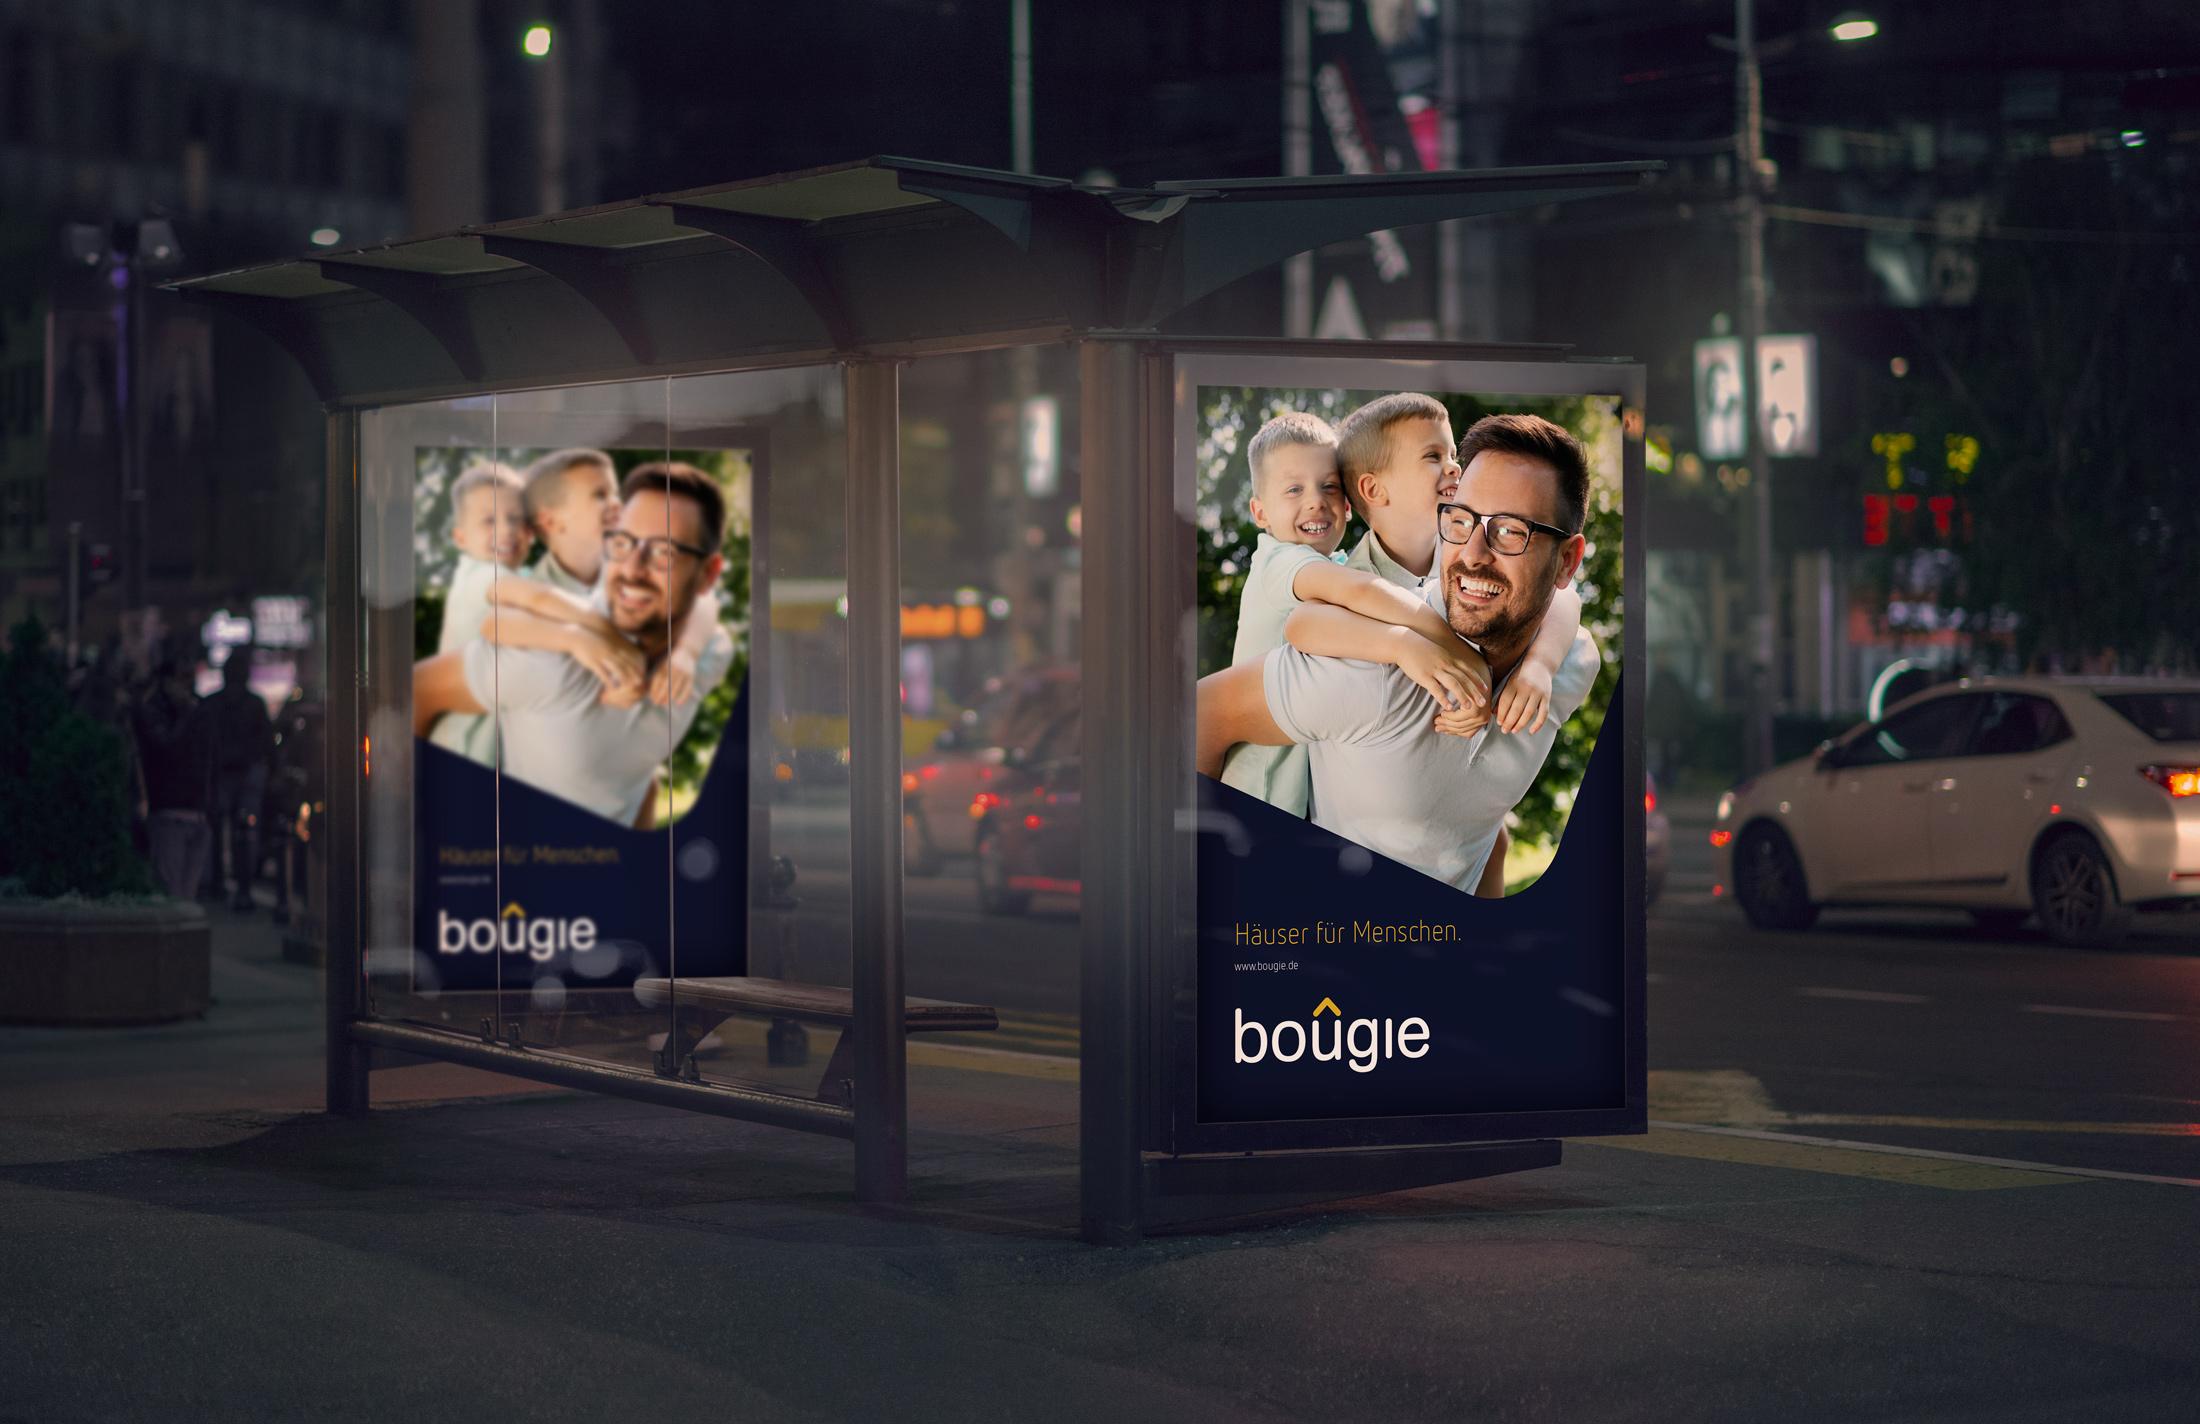 Bougie-Outdoor_Advertising-02